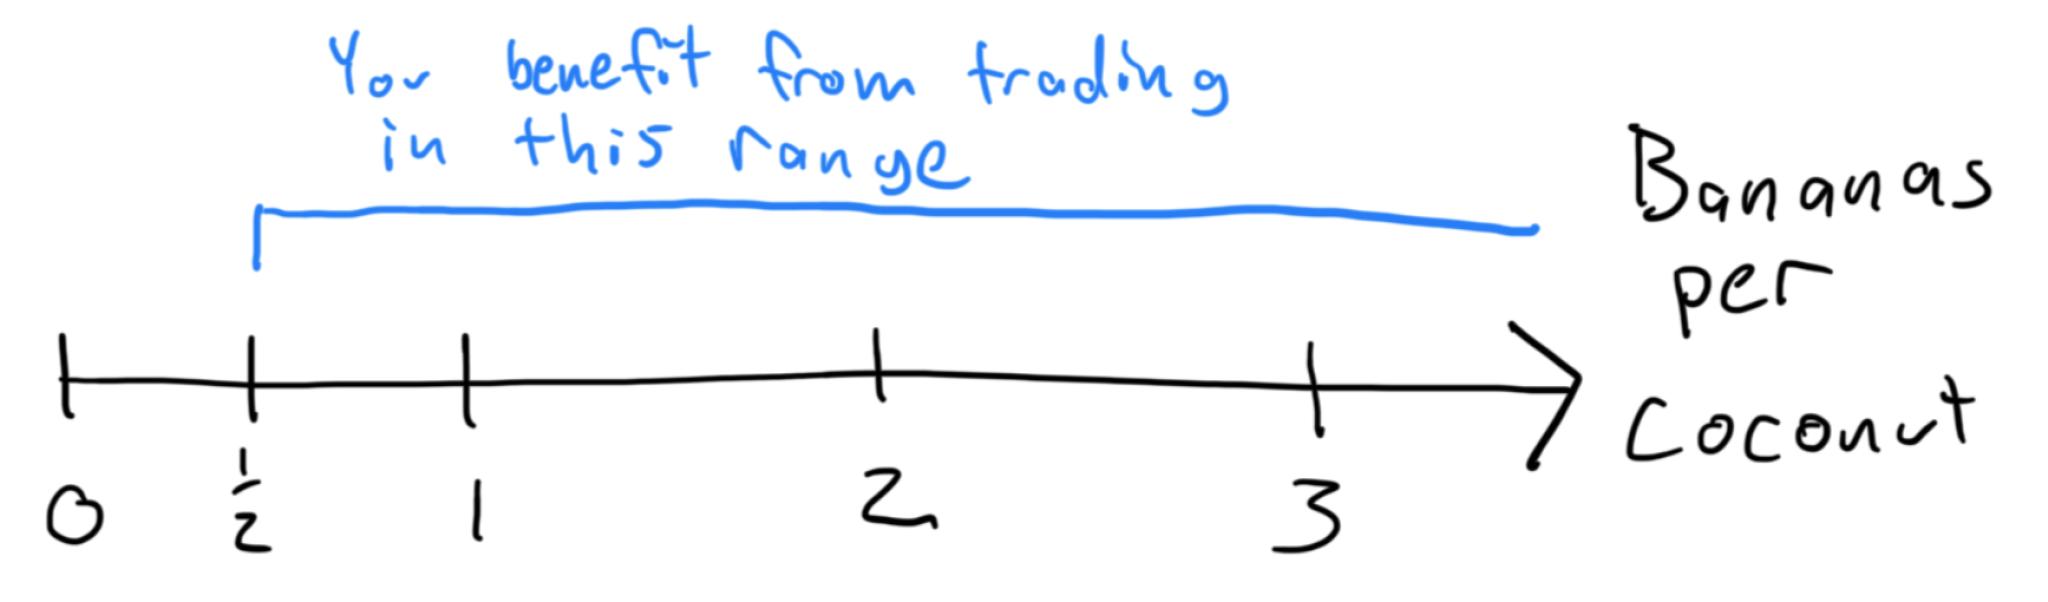 your range